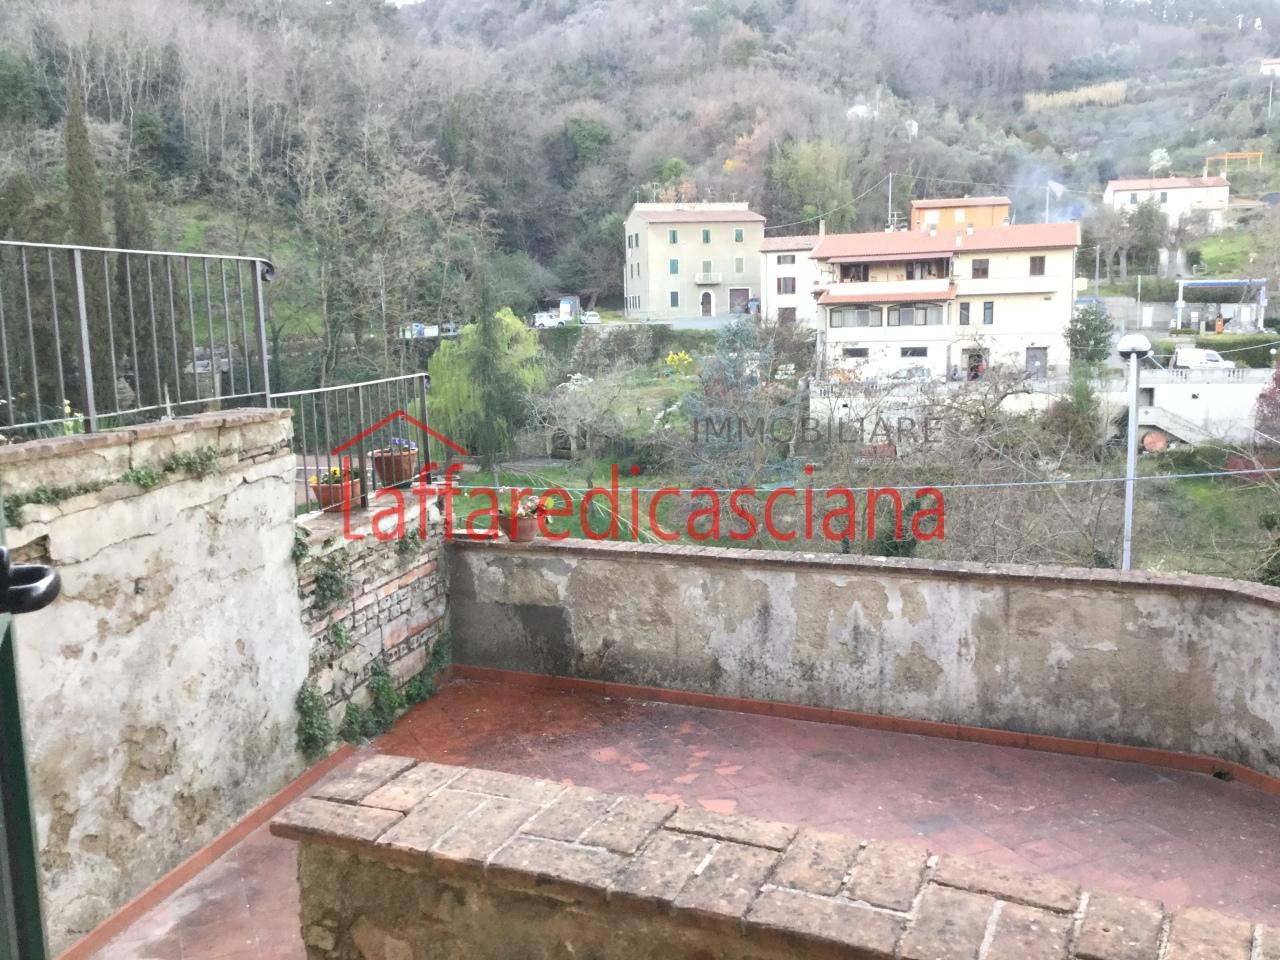 Appartamento in vendita a Chianni, 3 locali, prezzo € 40.000 | Cambio Casa.it